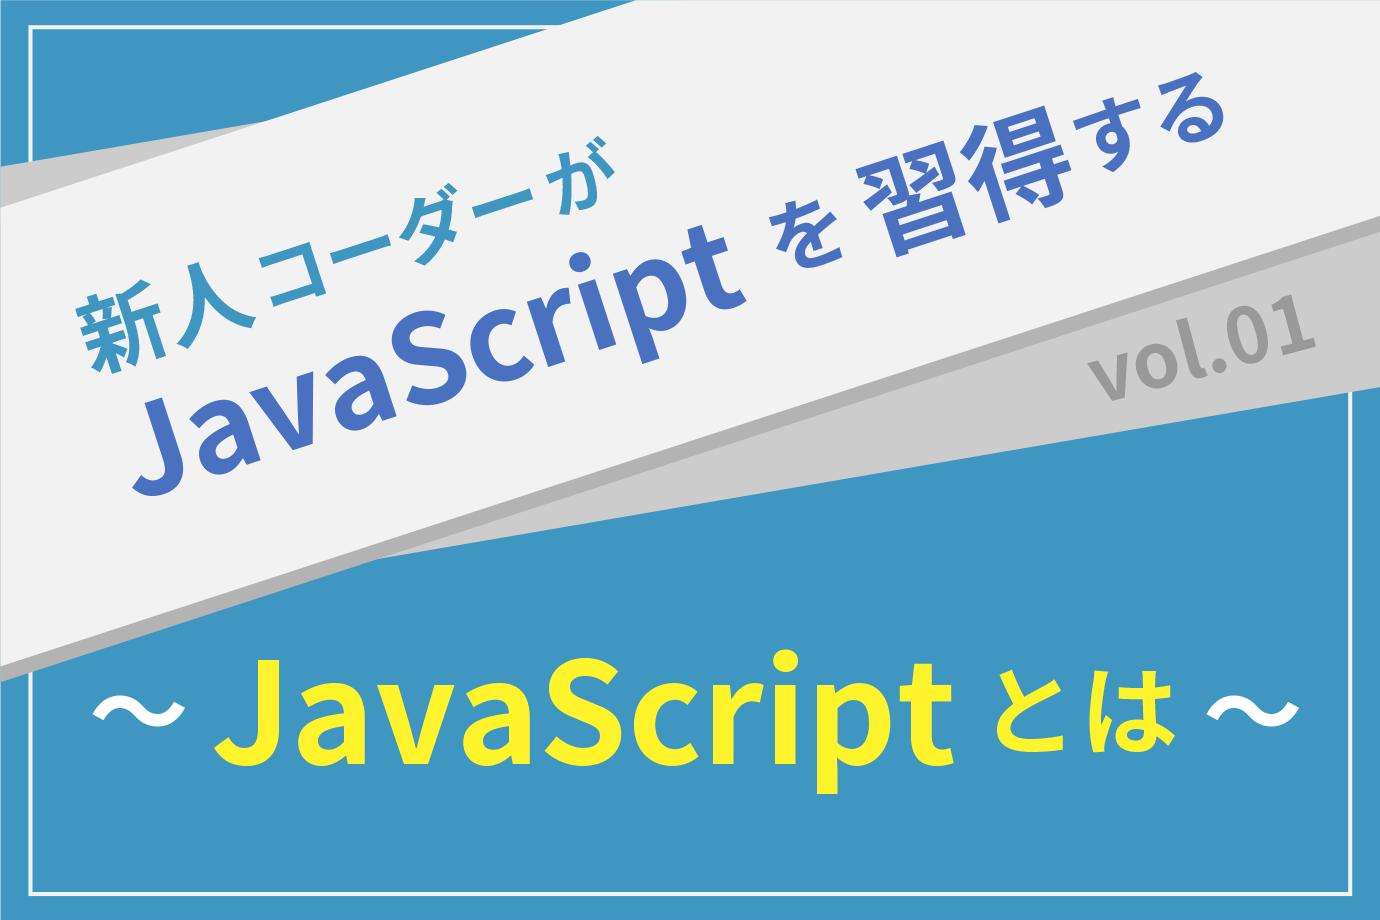 【新人コーダーがJavaScriptを習得する】vol.01 〜JavaScriptとは〜